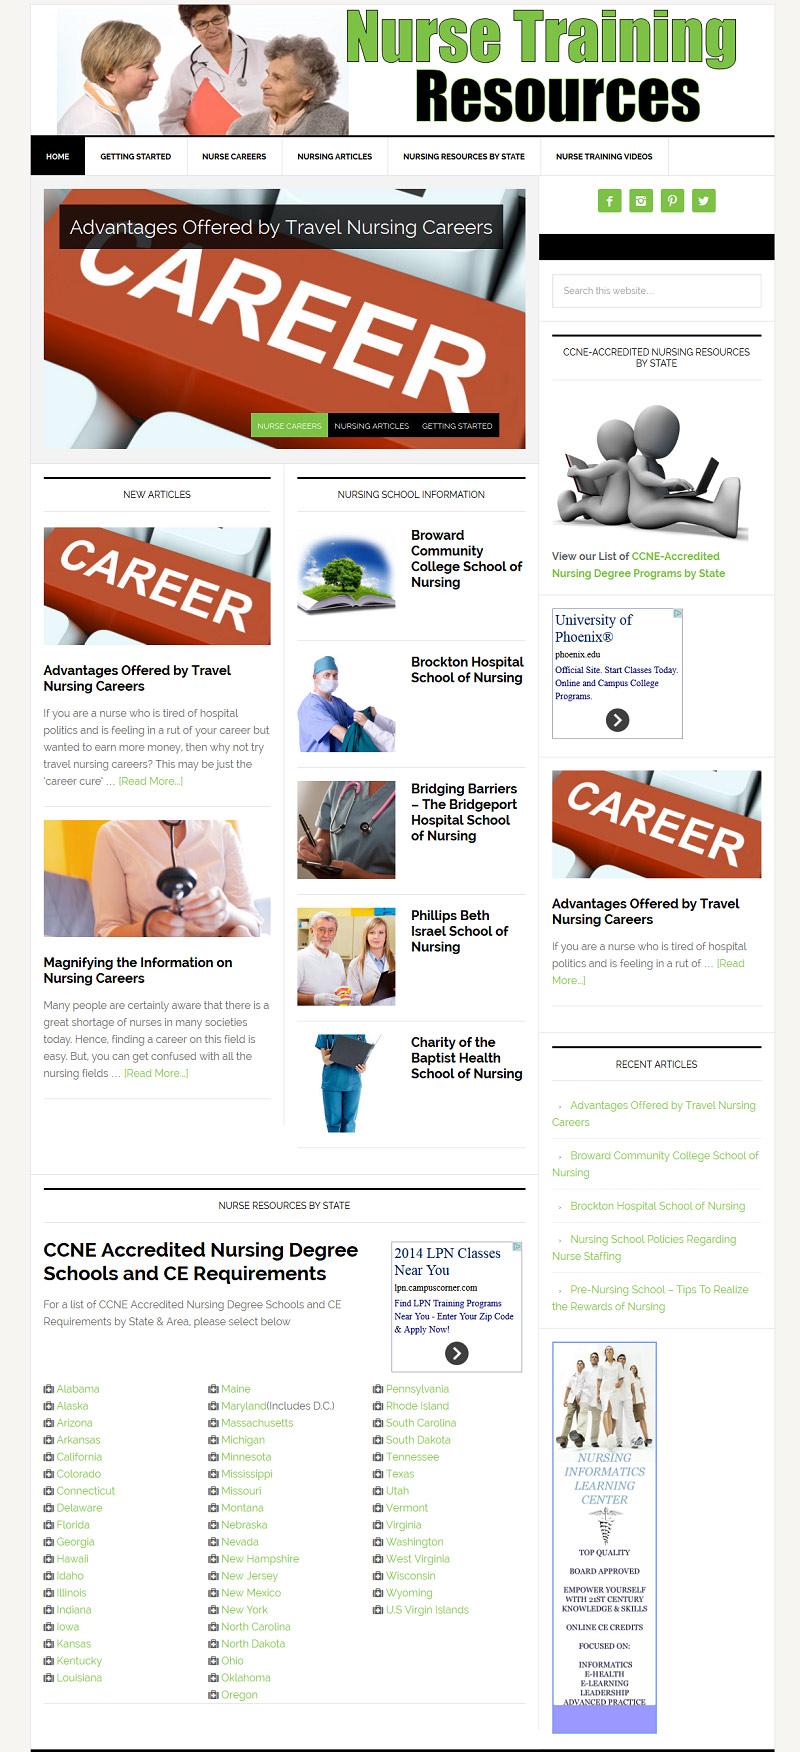 Nurse Training Resources.com